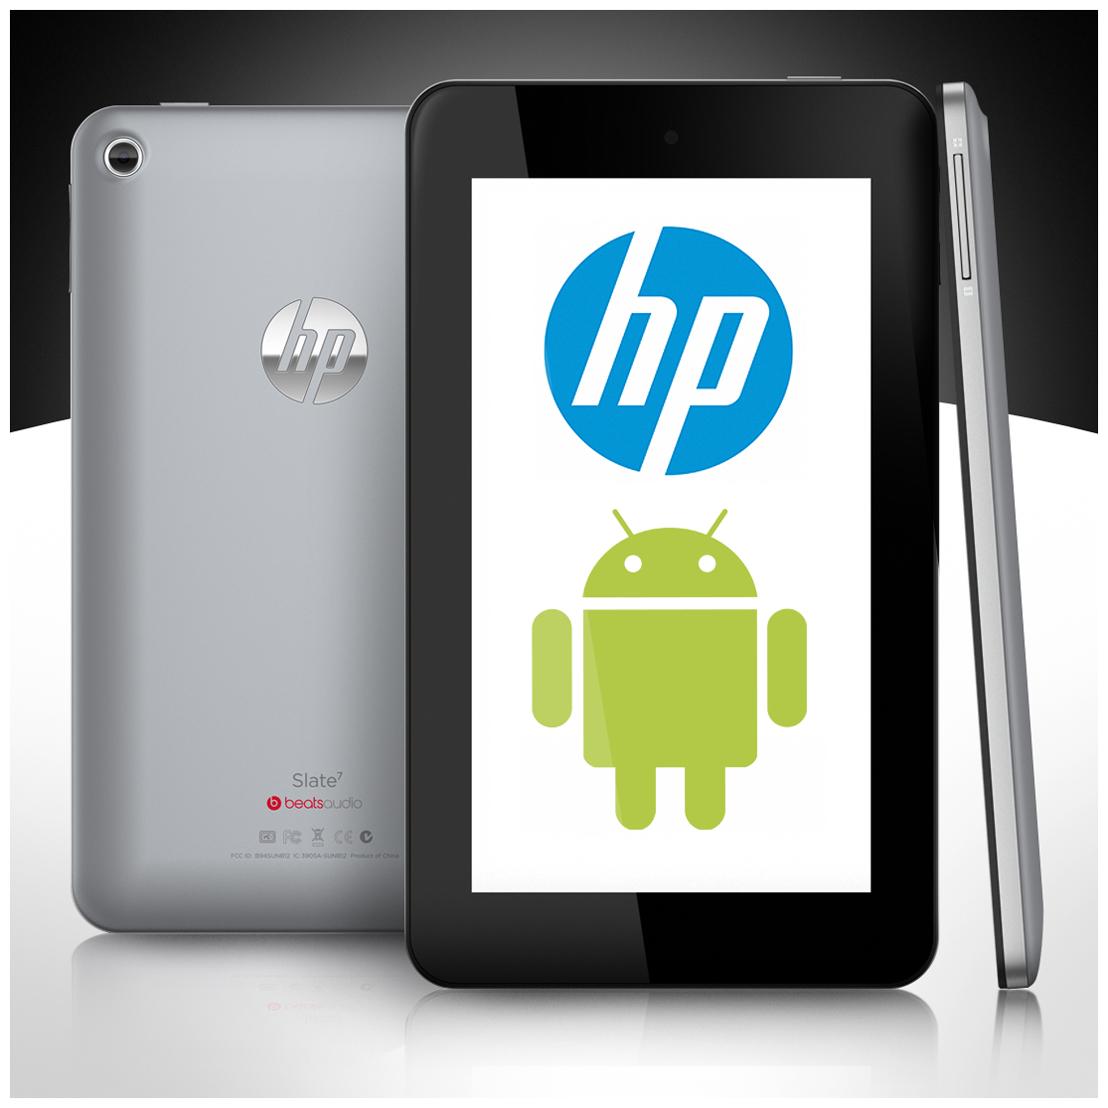 HP plánuje velký návrat na trh se smartphony